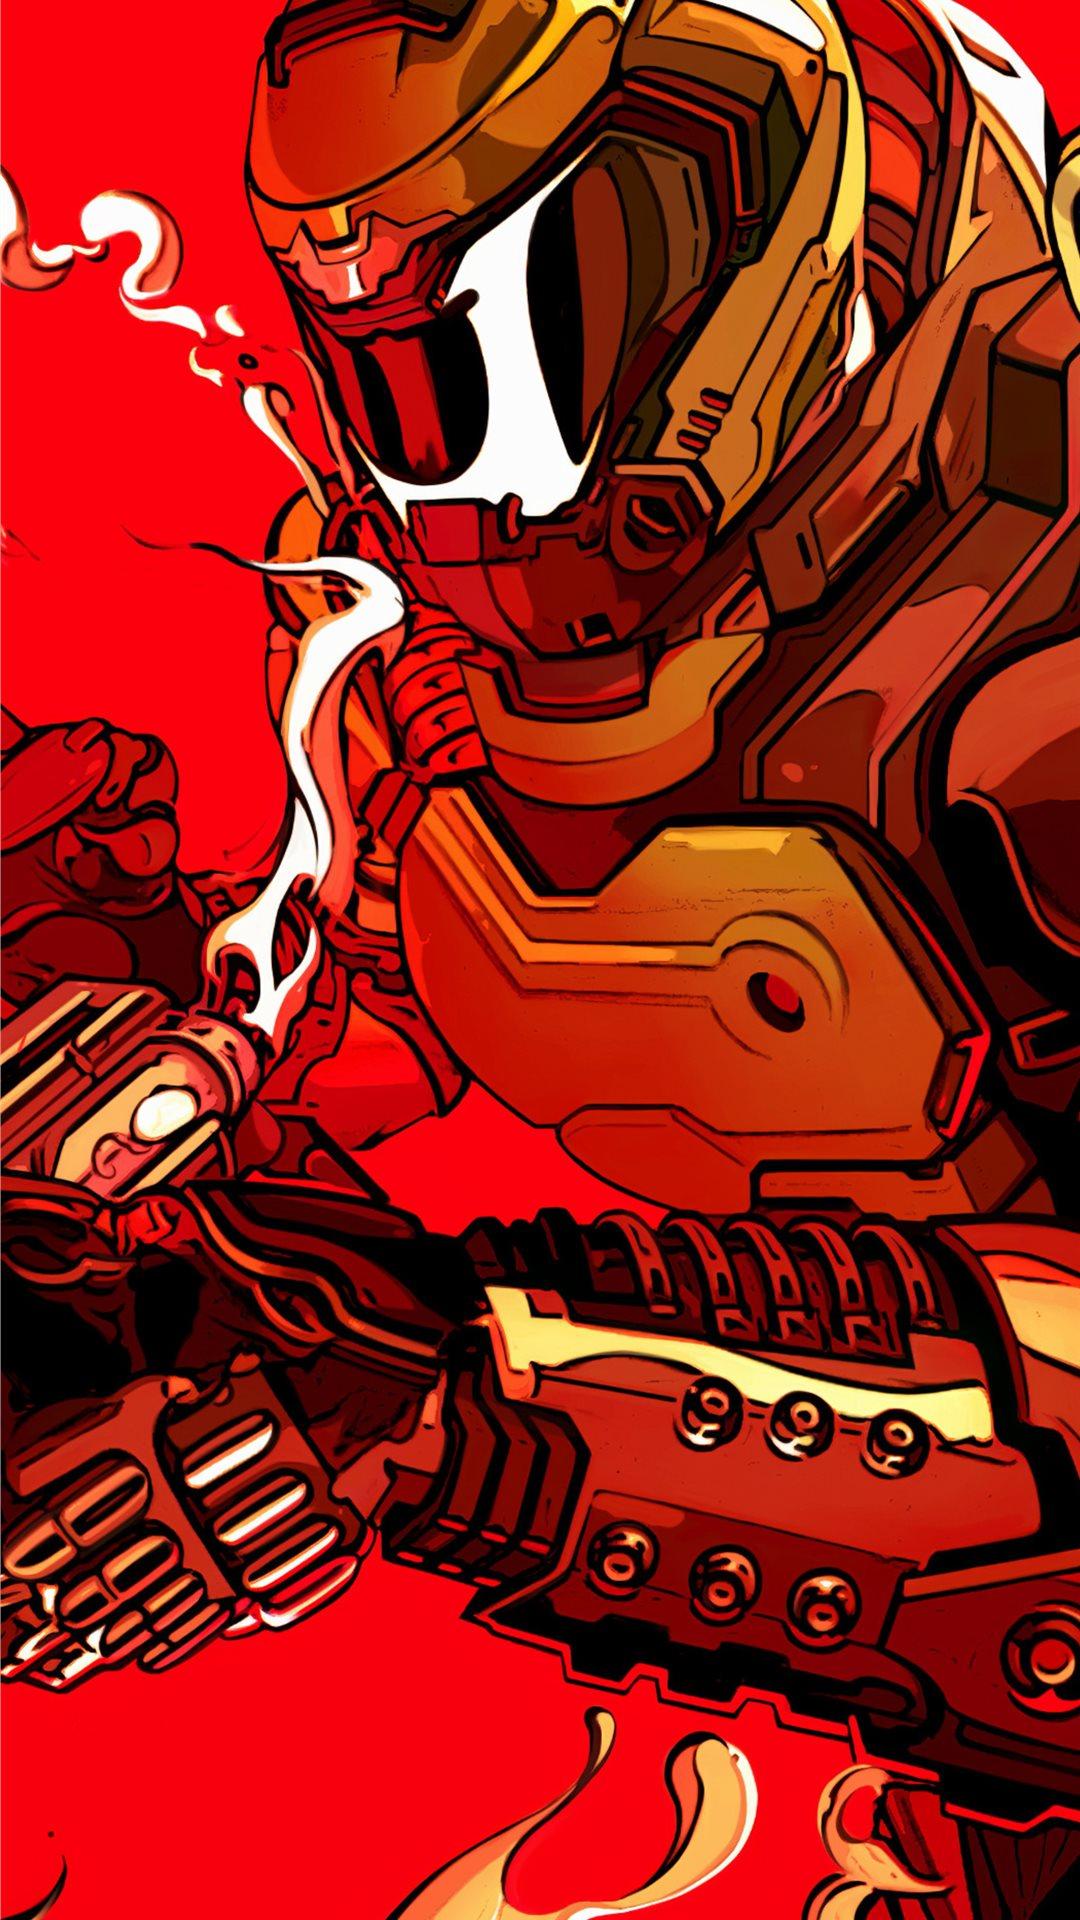 Doom Eternal Fanart 4k Iphone Wallpapers Free Download